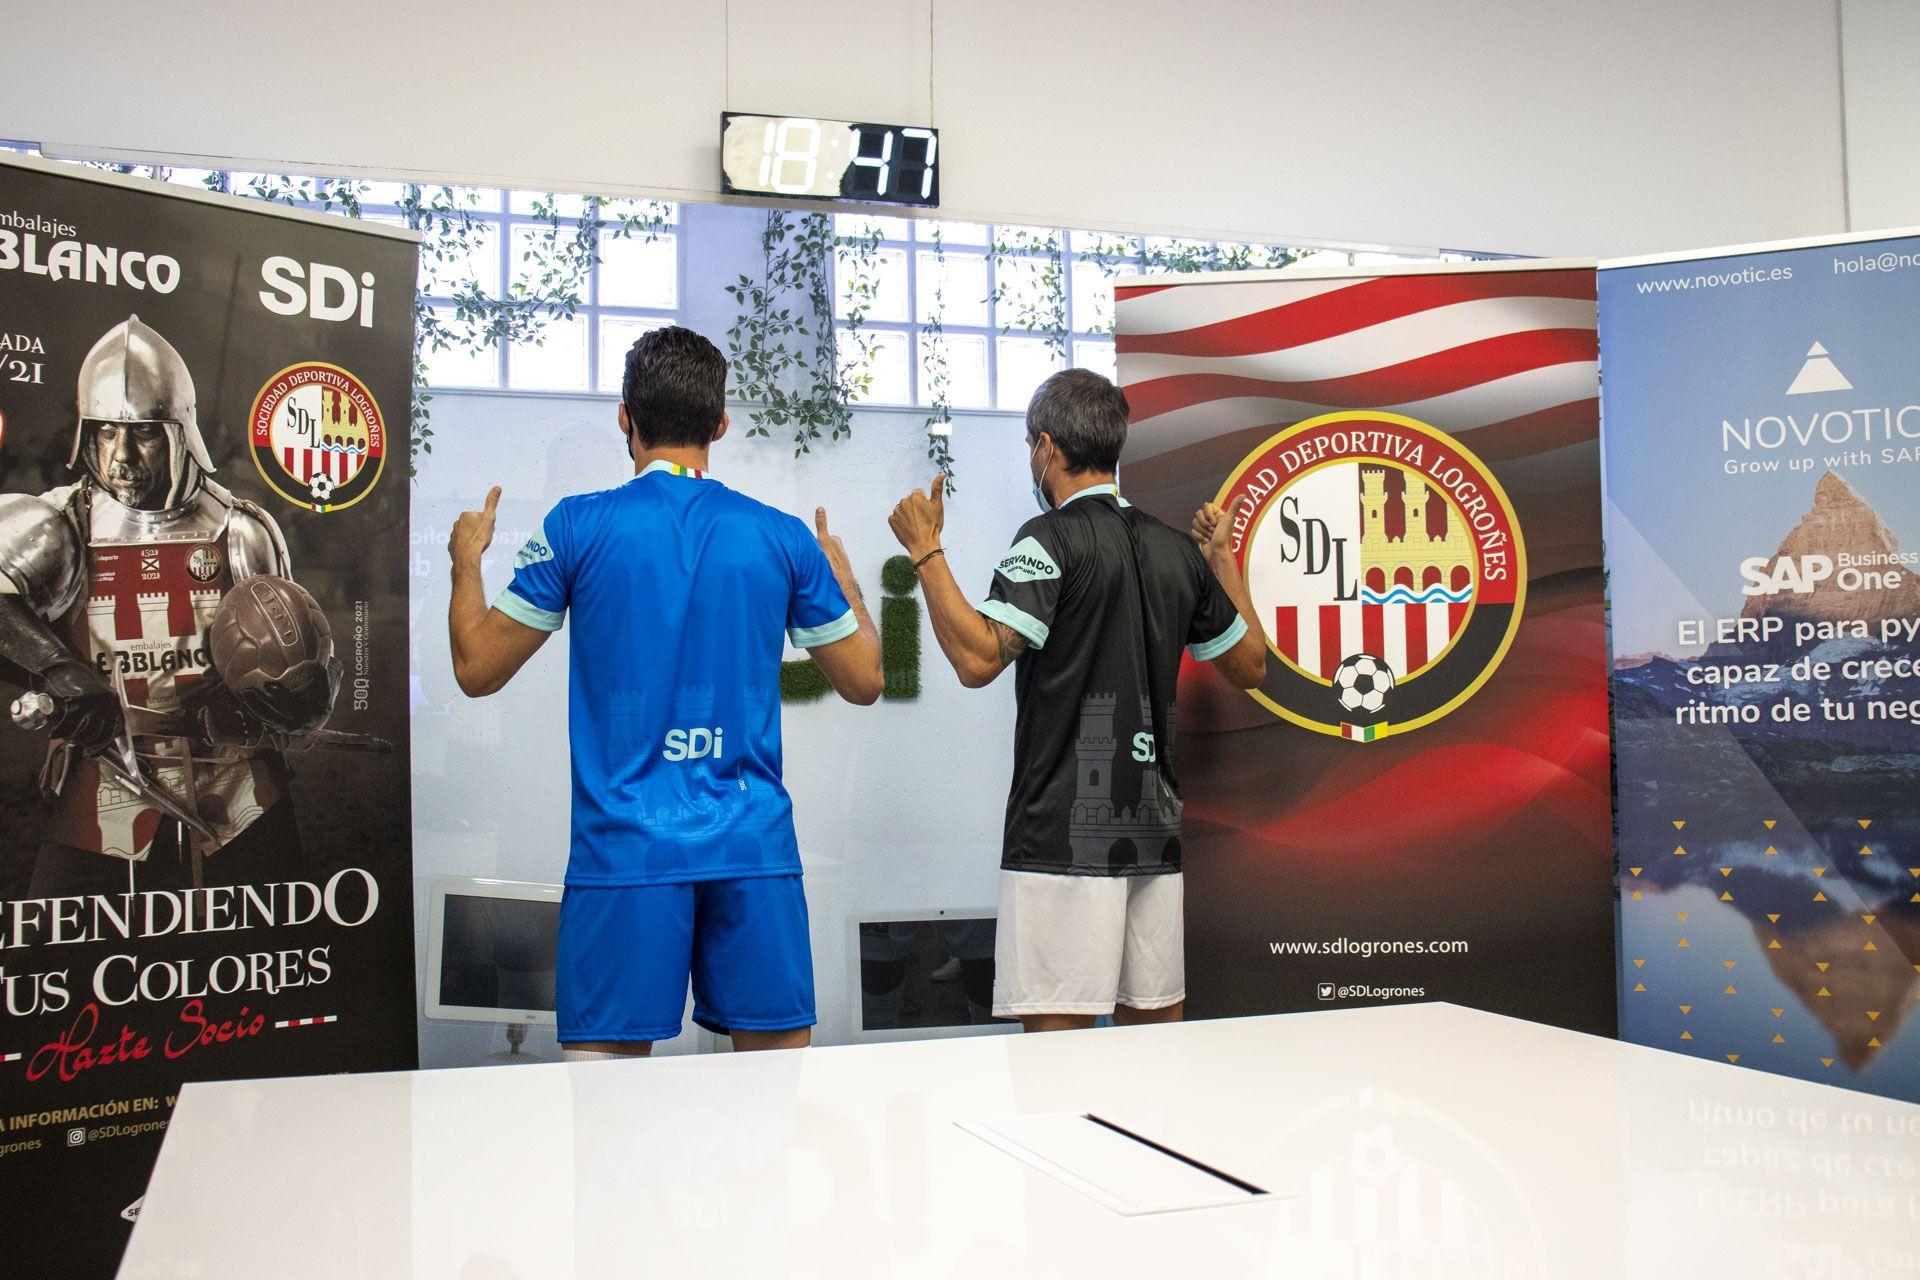 La SDL presenta su equipación oficial en las oficinas de SDi en Logroño 2